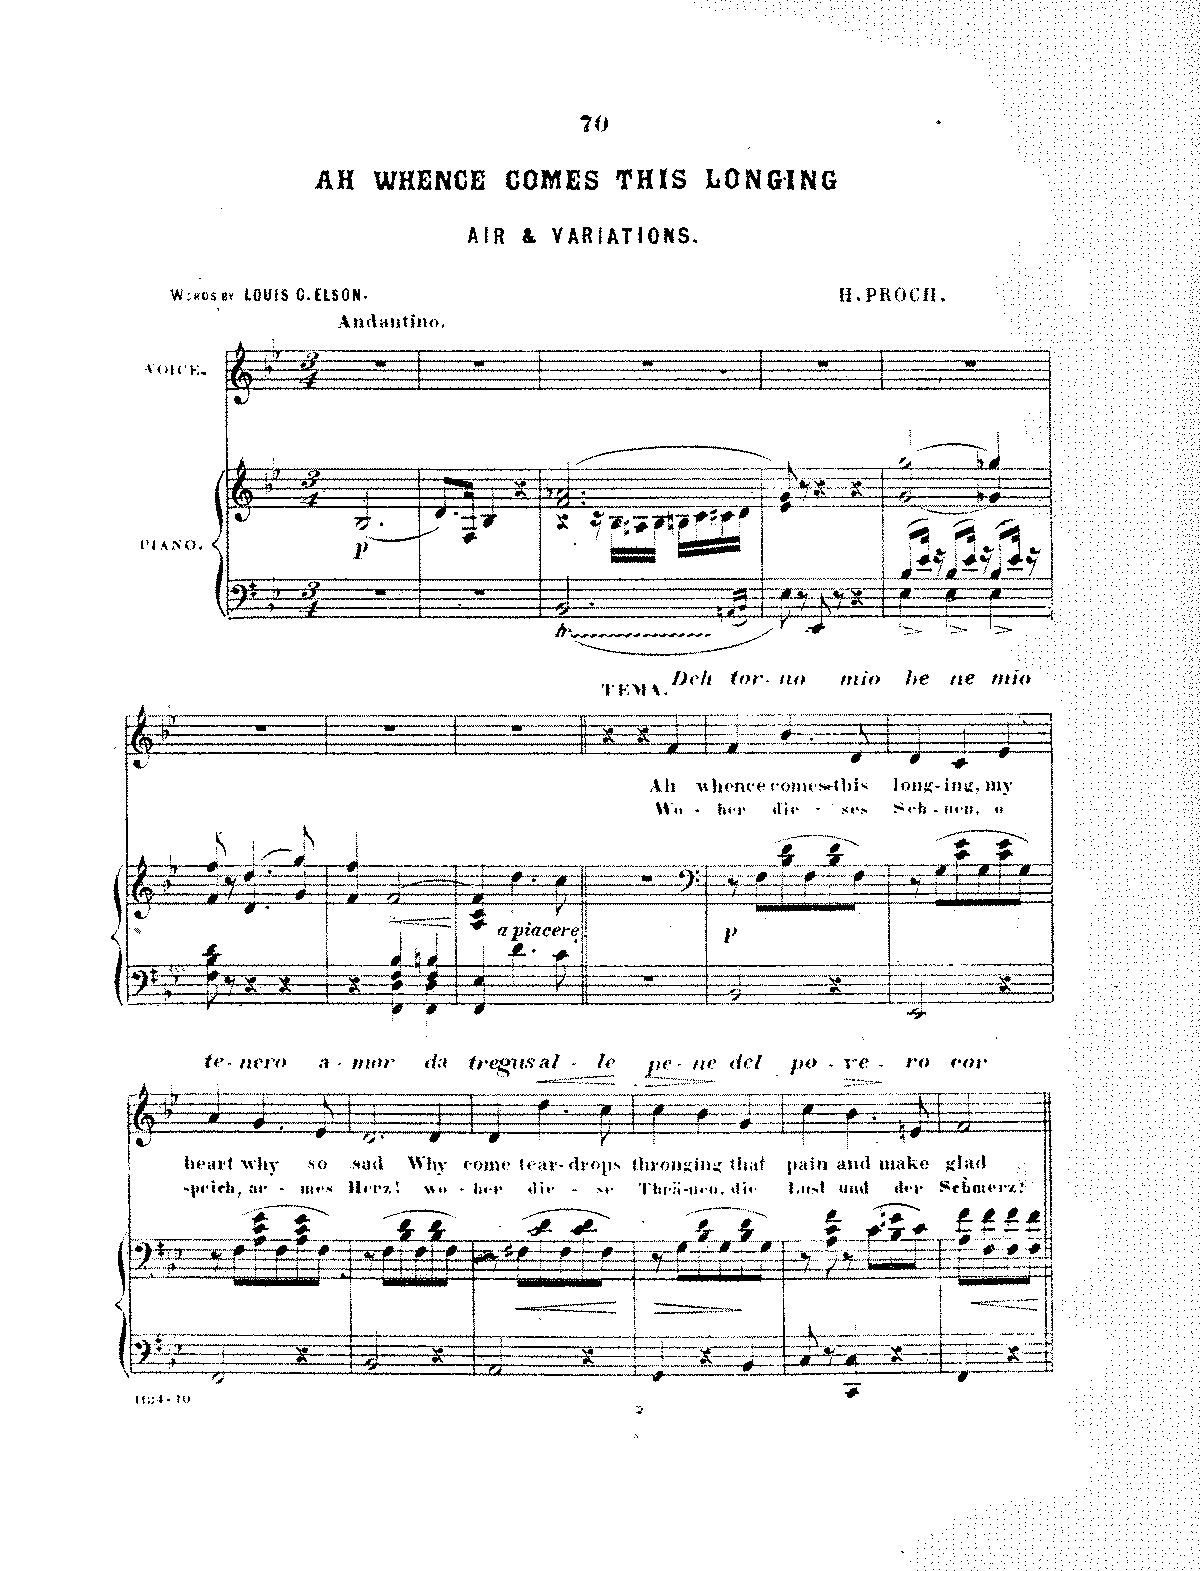 Woher dieses sehnen proch heinrich imslppetrucci music general information hexwebz Image collections